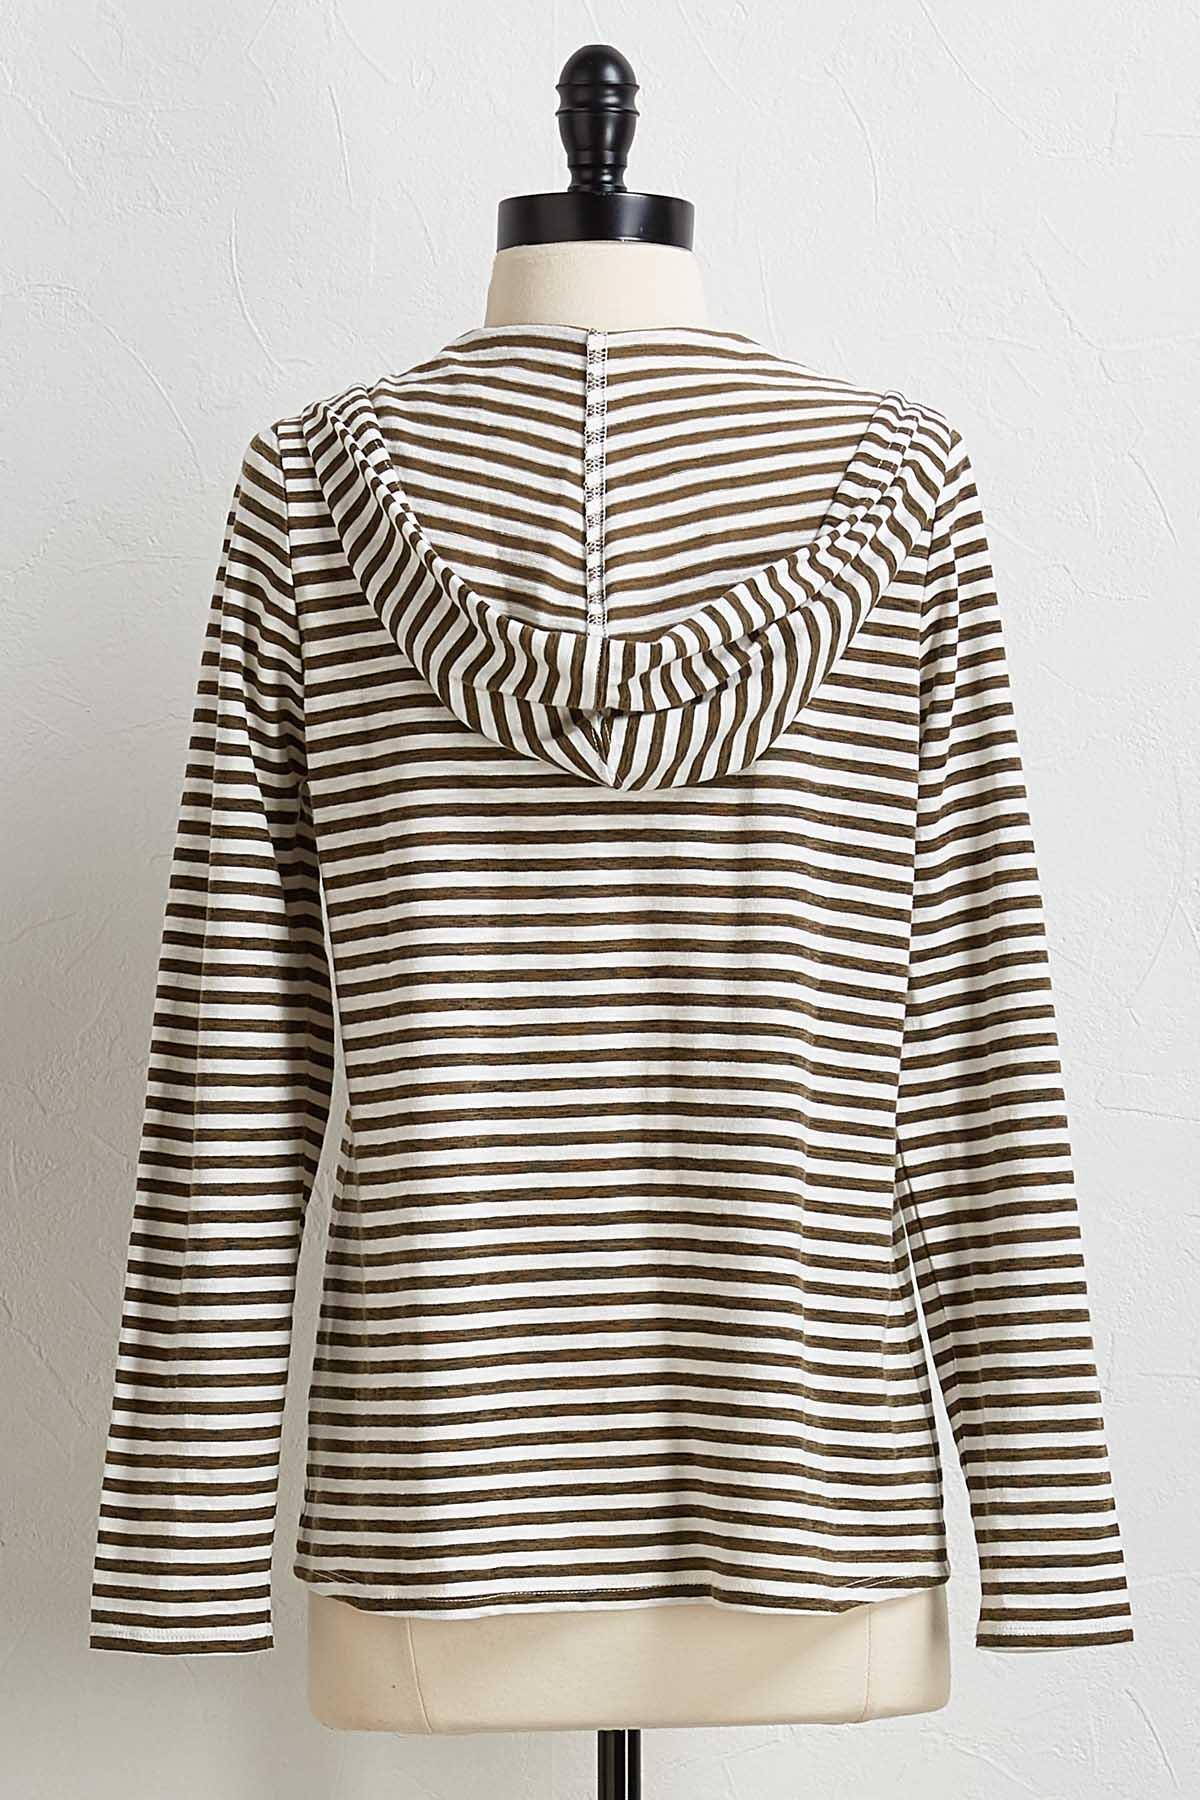 Clover Stripe Hoodie